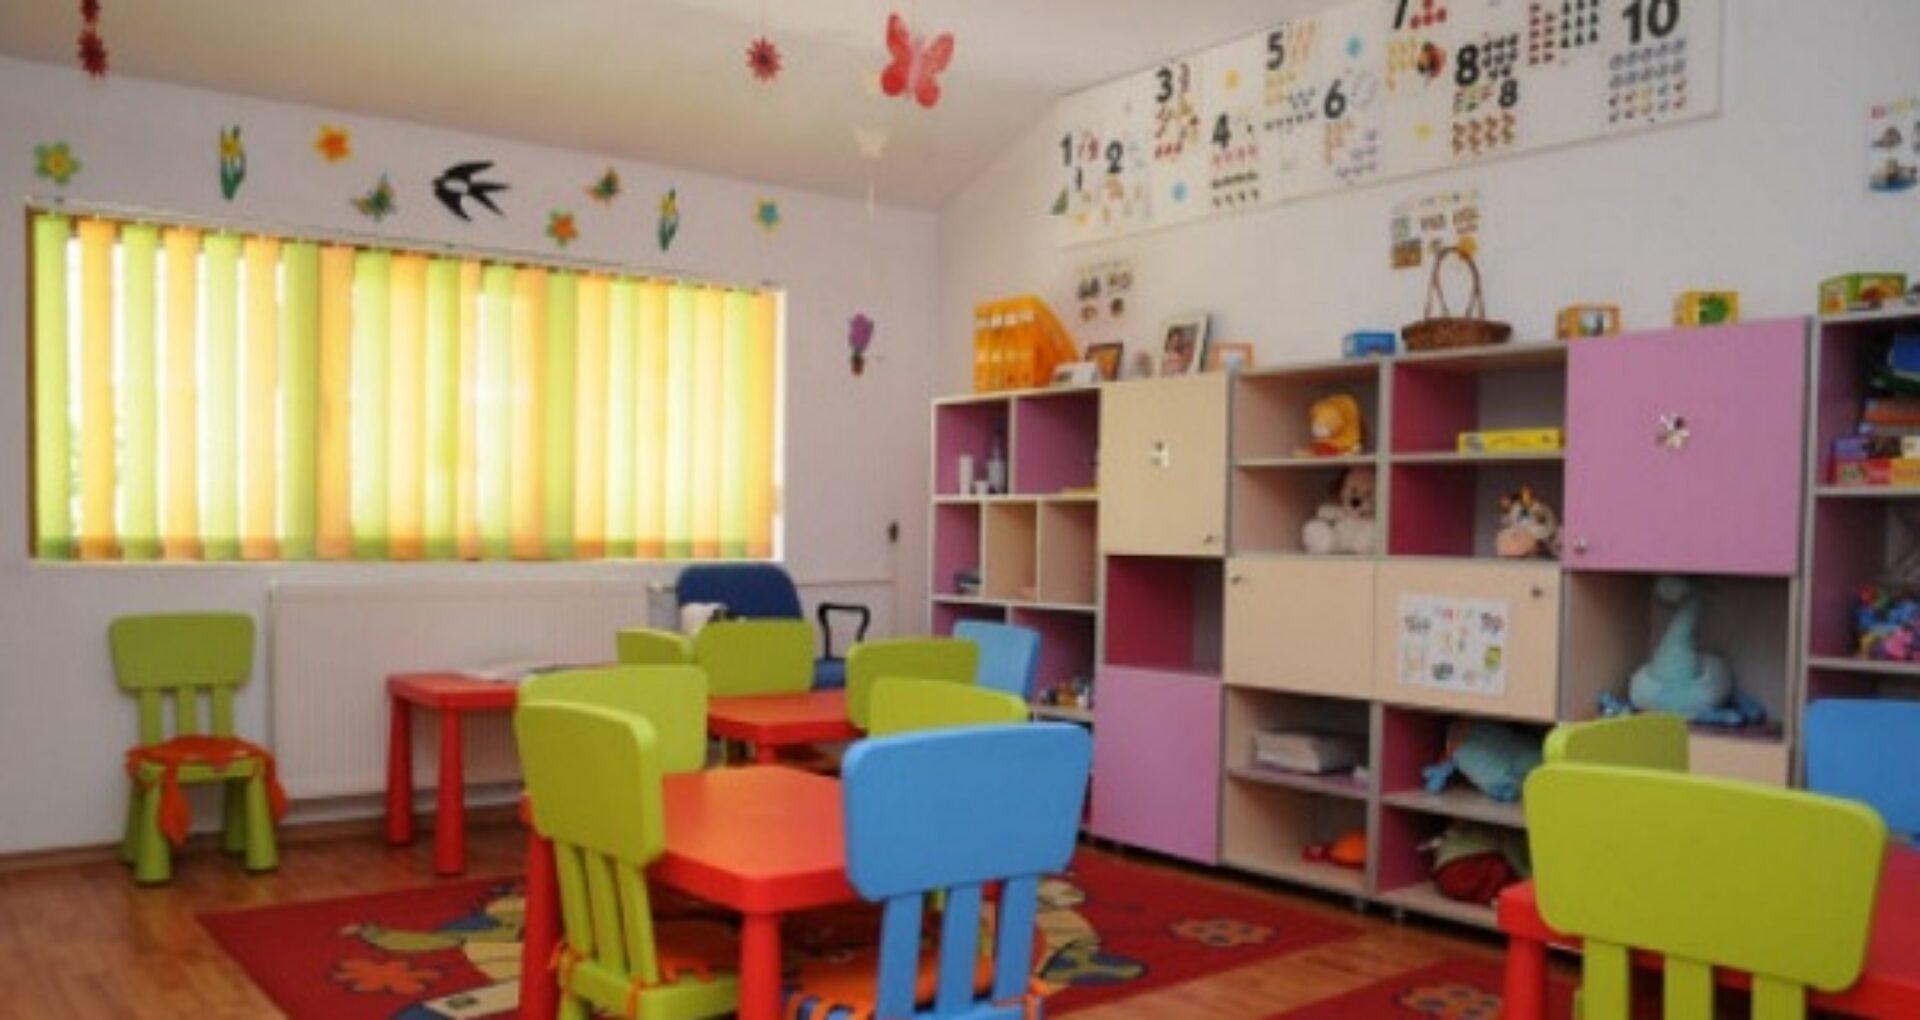 DOC/ De la 1 noiembrie începe procesul de înmatriculare în instituțiile de educație timpurie a copiiilor de 2-4 ani, care anterior nu au frecventat instituția de învățământ